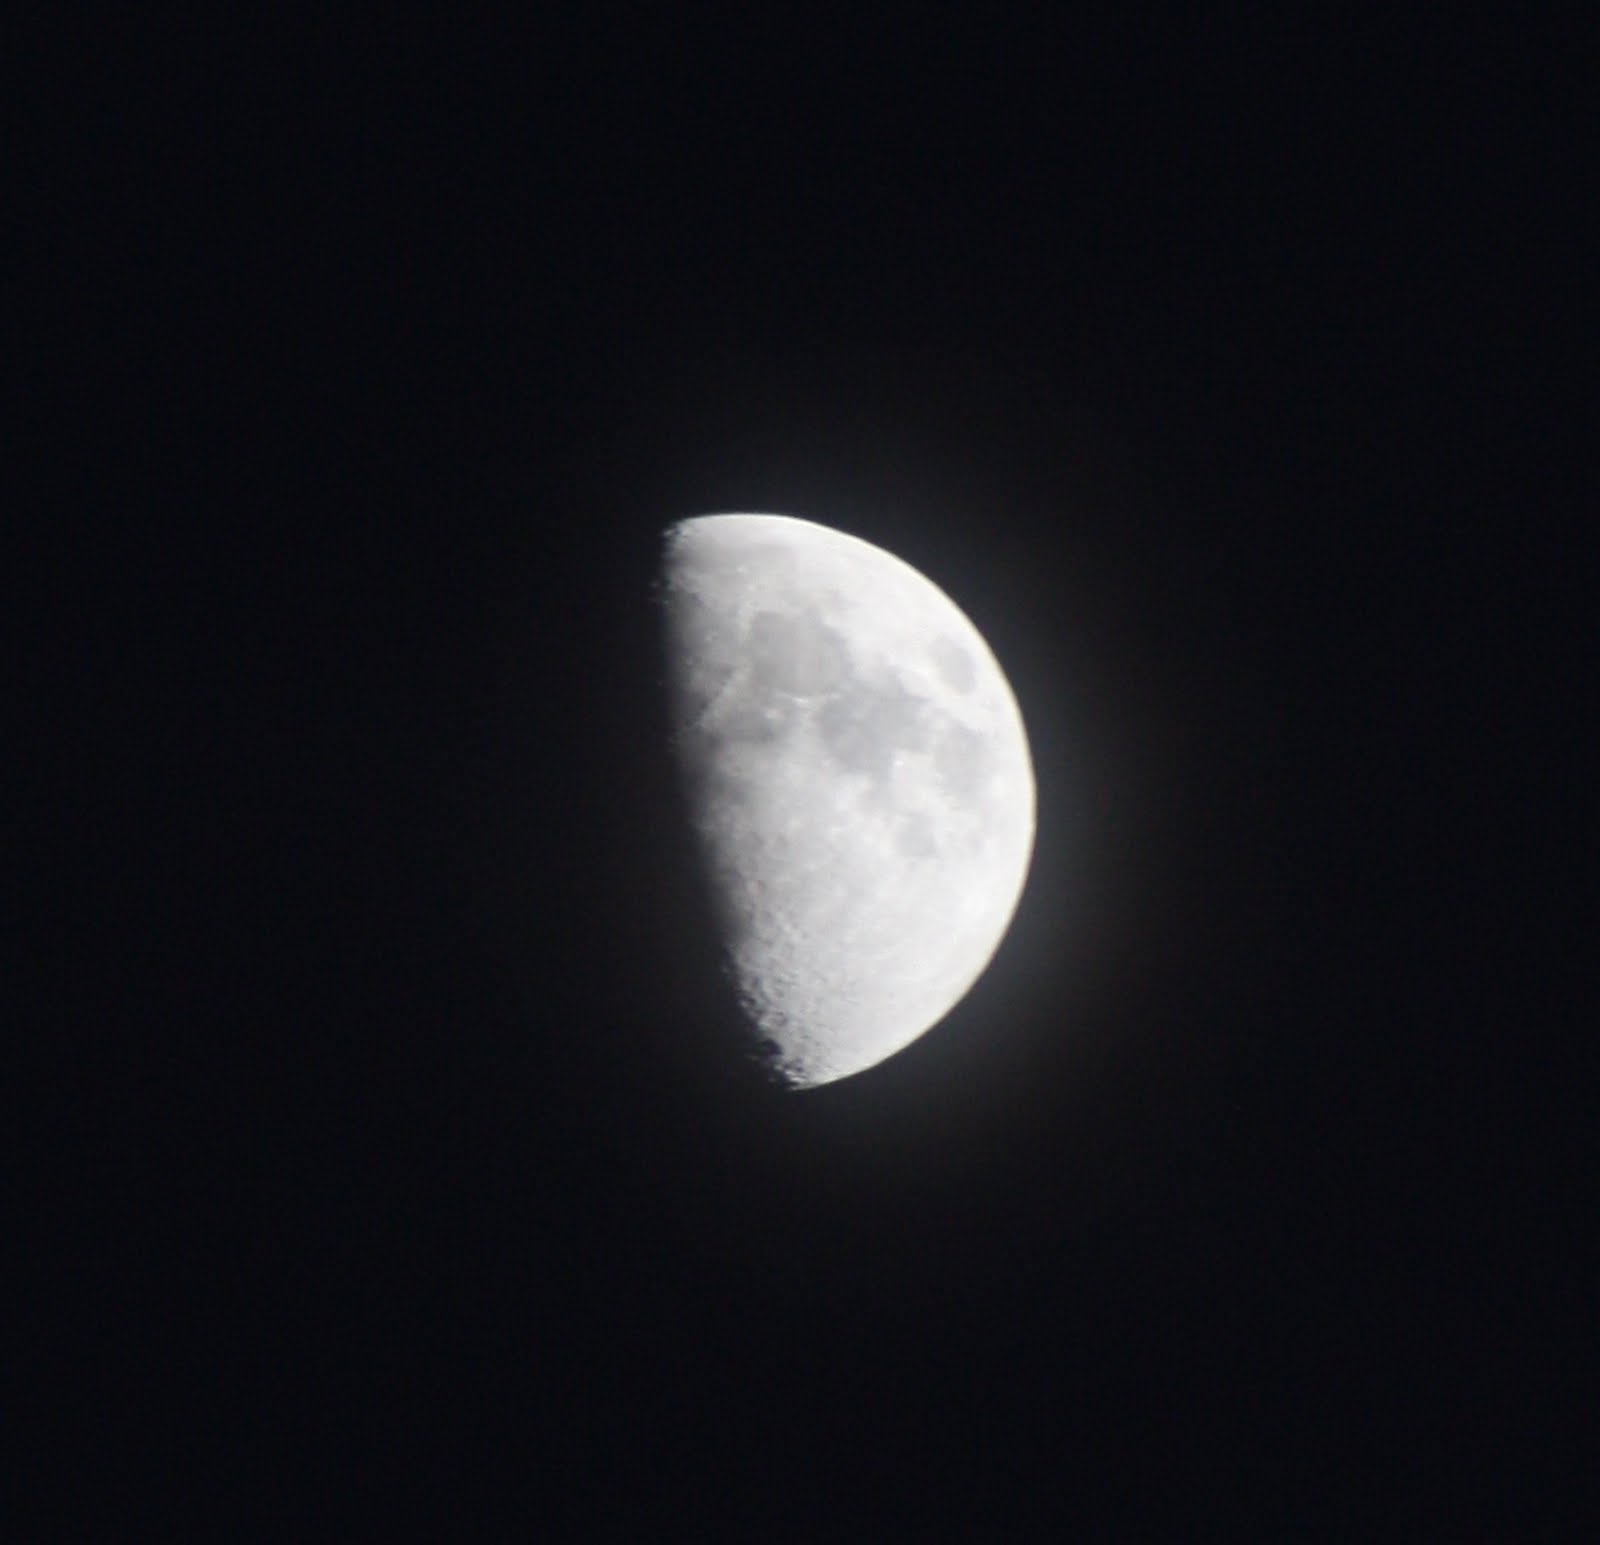 [moon1.jpg]